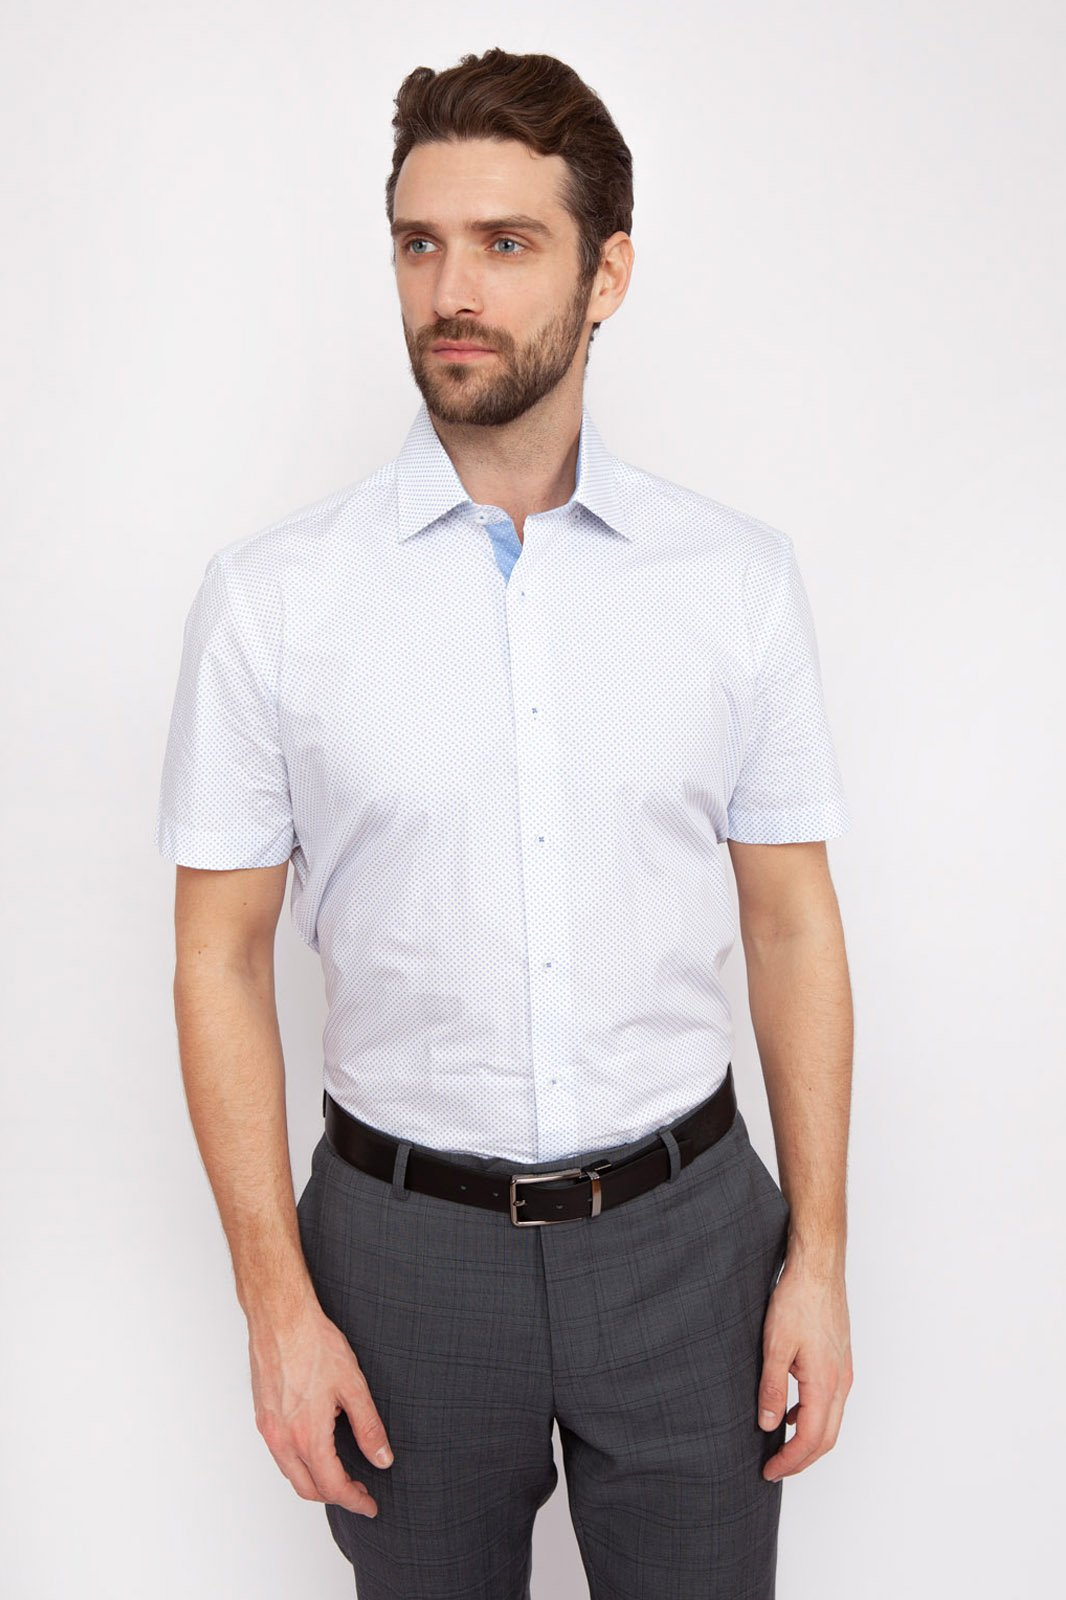 Рубашка мужская Kanzler 19S-SBL32SSS/01-4 белая 39